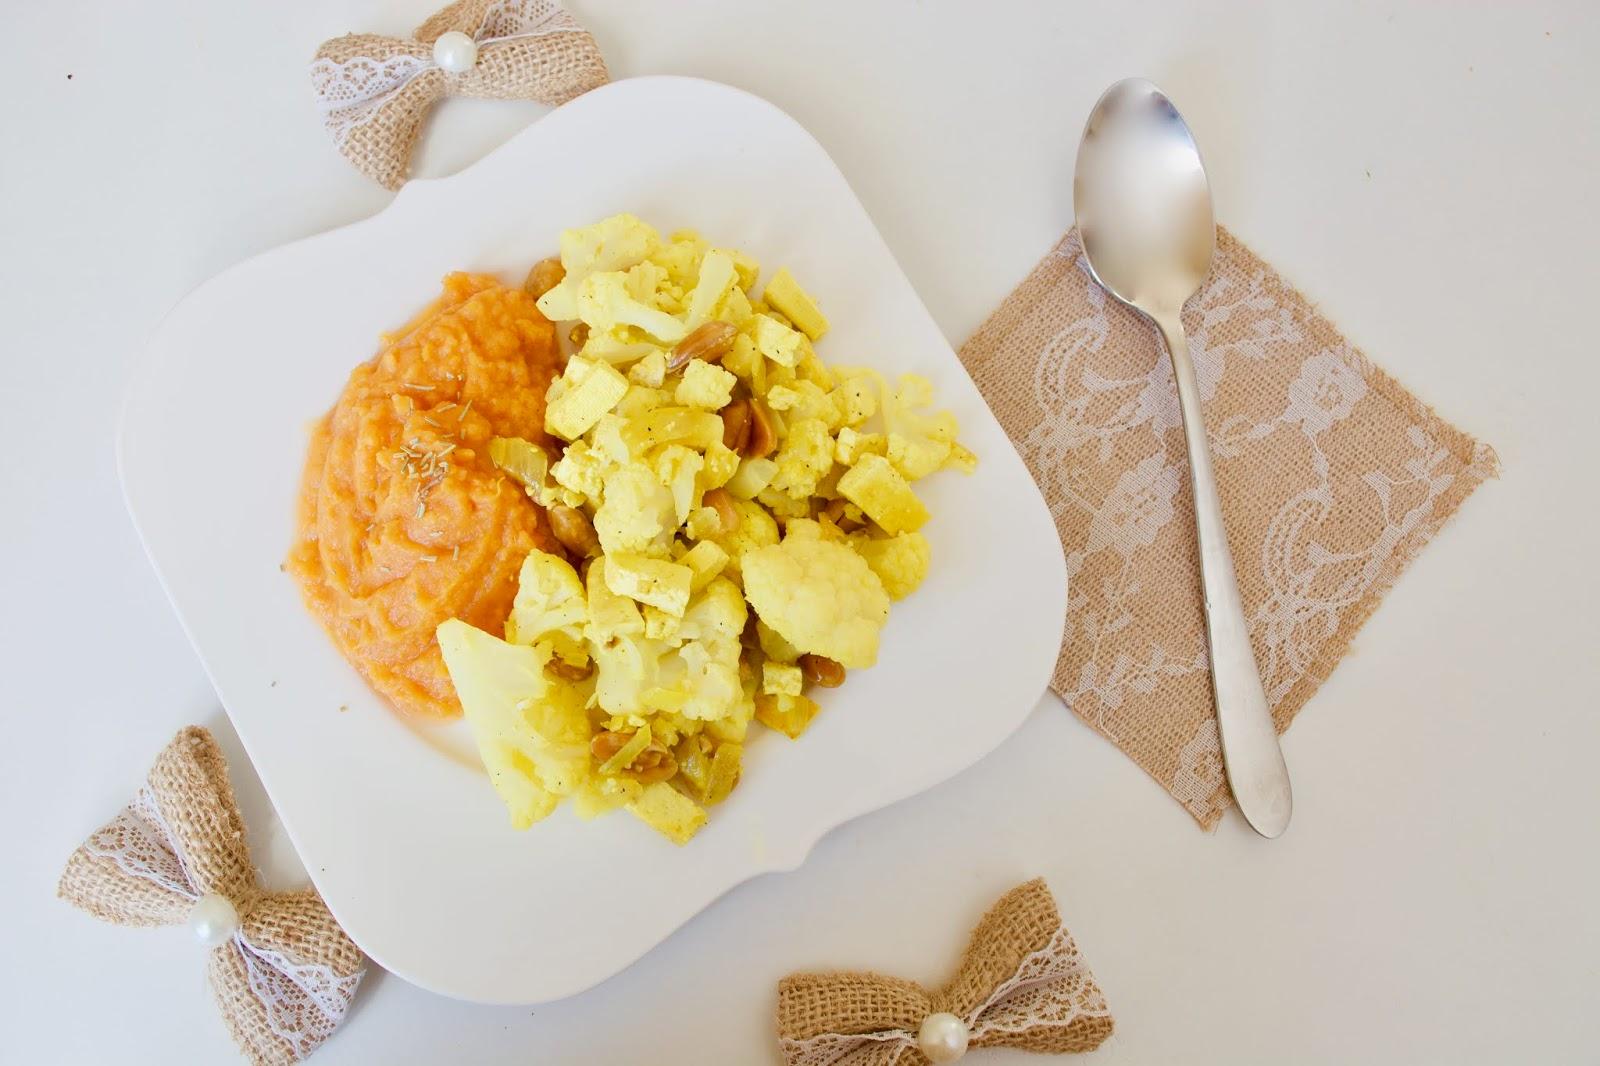 Mashed sweet potato with fried cauliflower